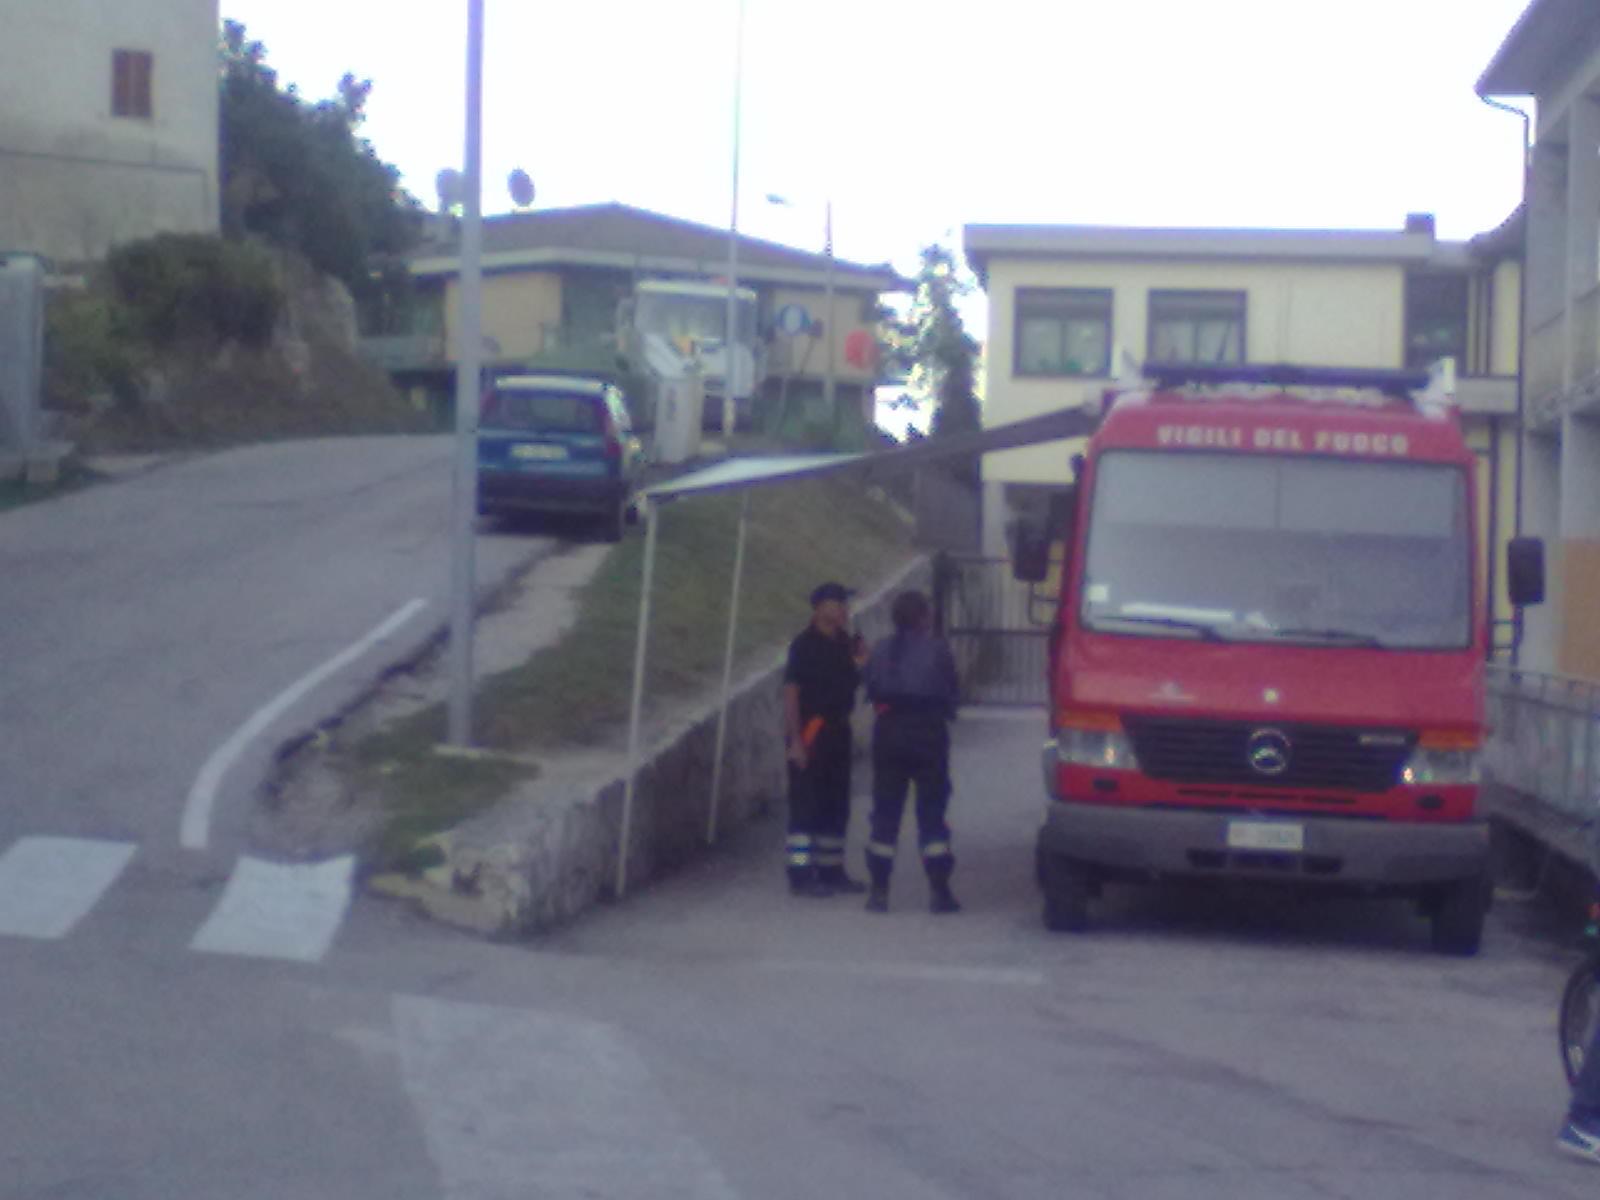 Piazzetta di Mozzano, Stazione mobile Vigili del Fuoco